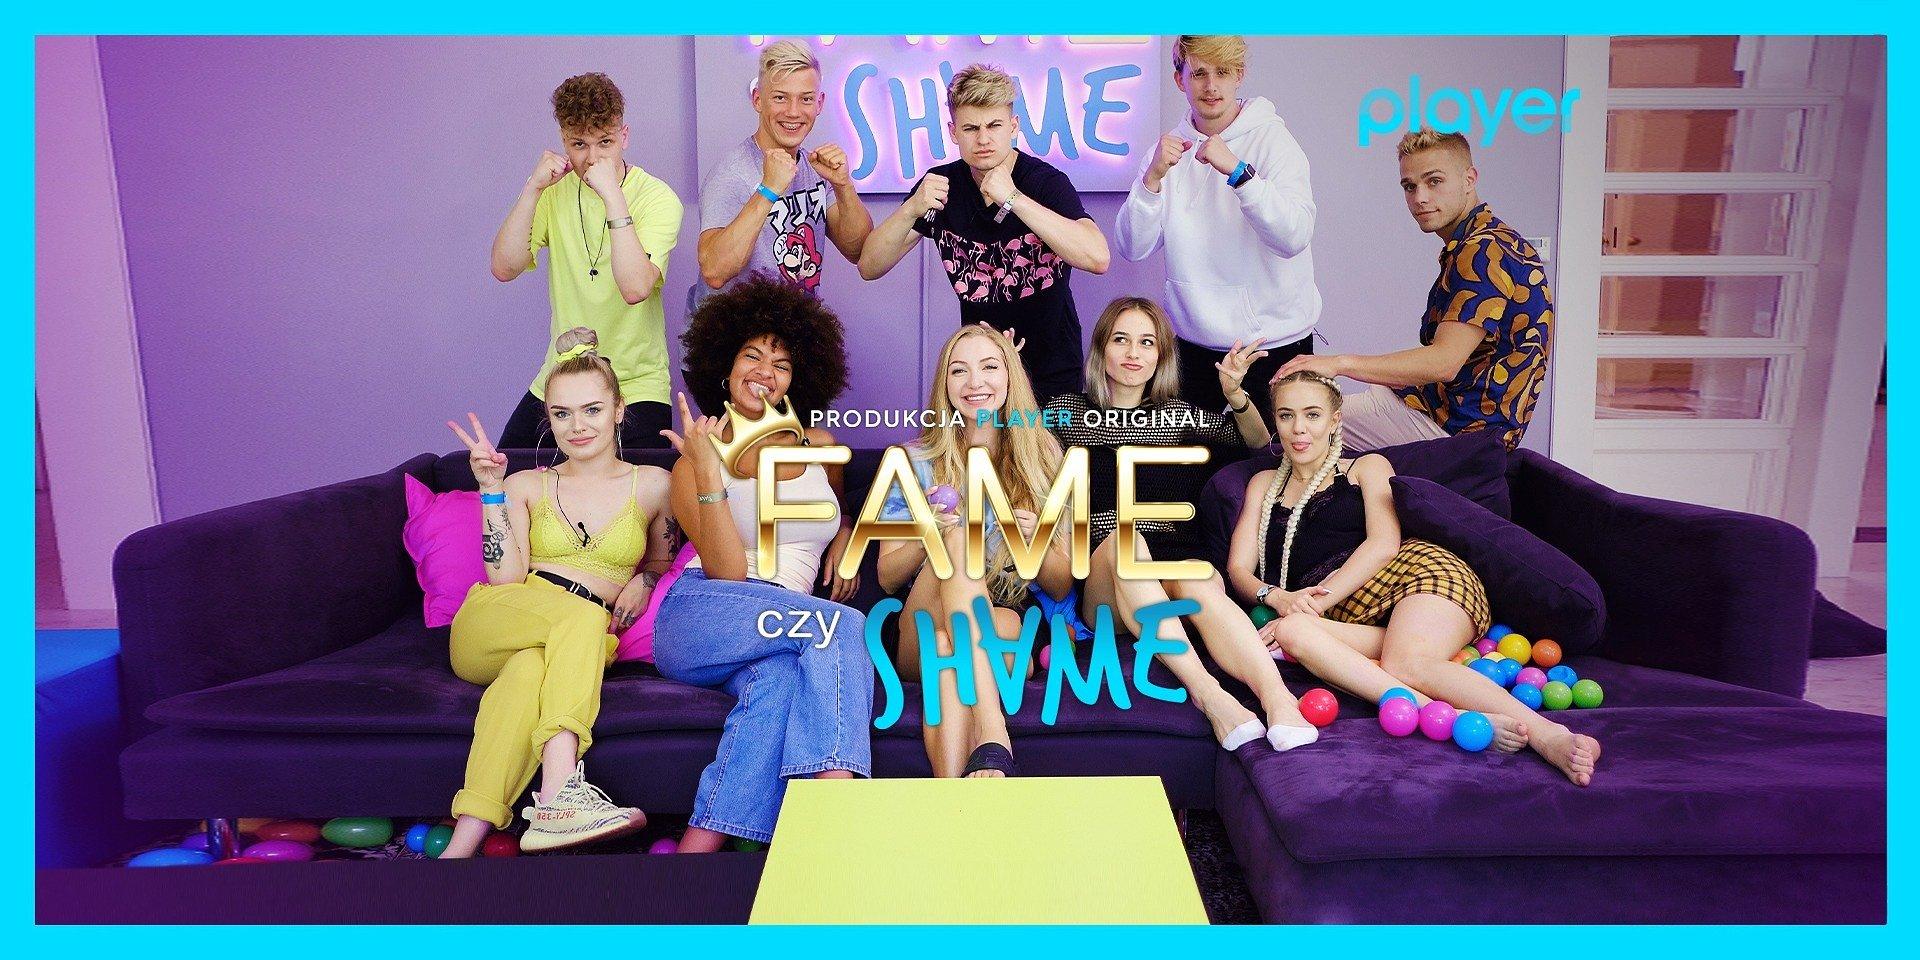 """Finał """"FAME czy SHAME"""" już 19 sierpnia w Playerze! Kto zgarnie wyjątkową nagrodę?"""